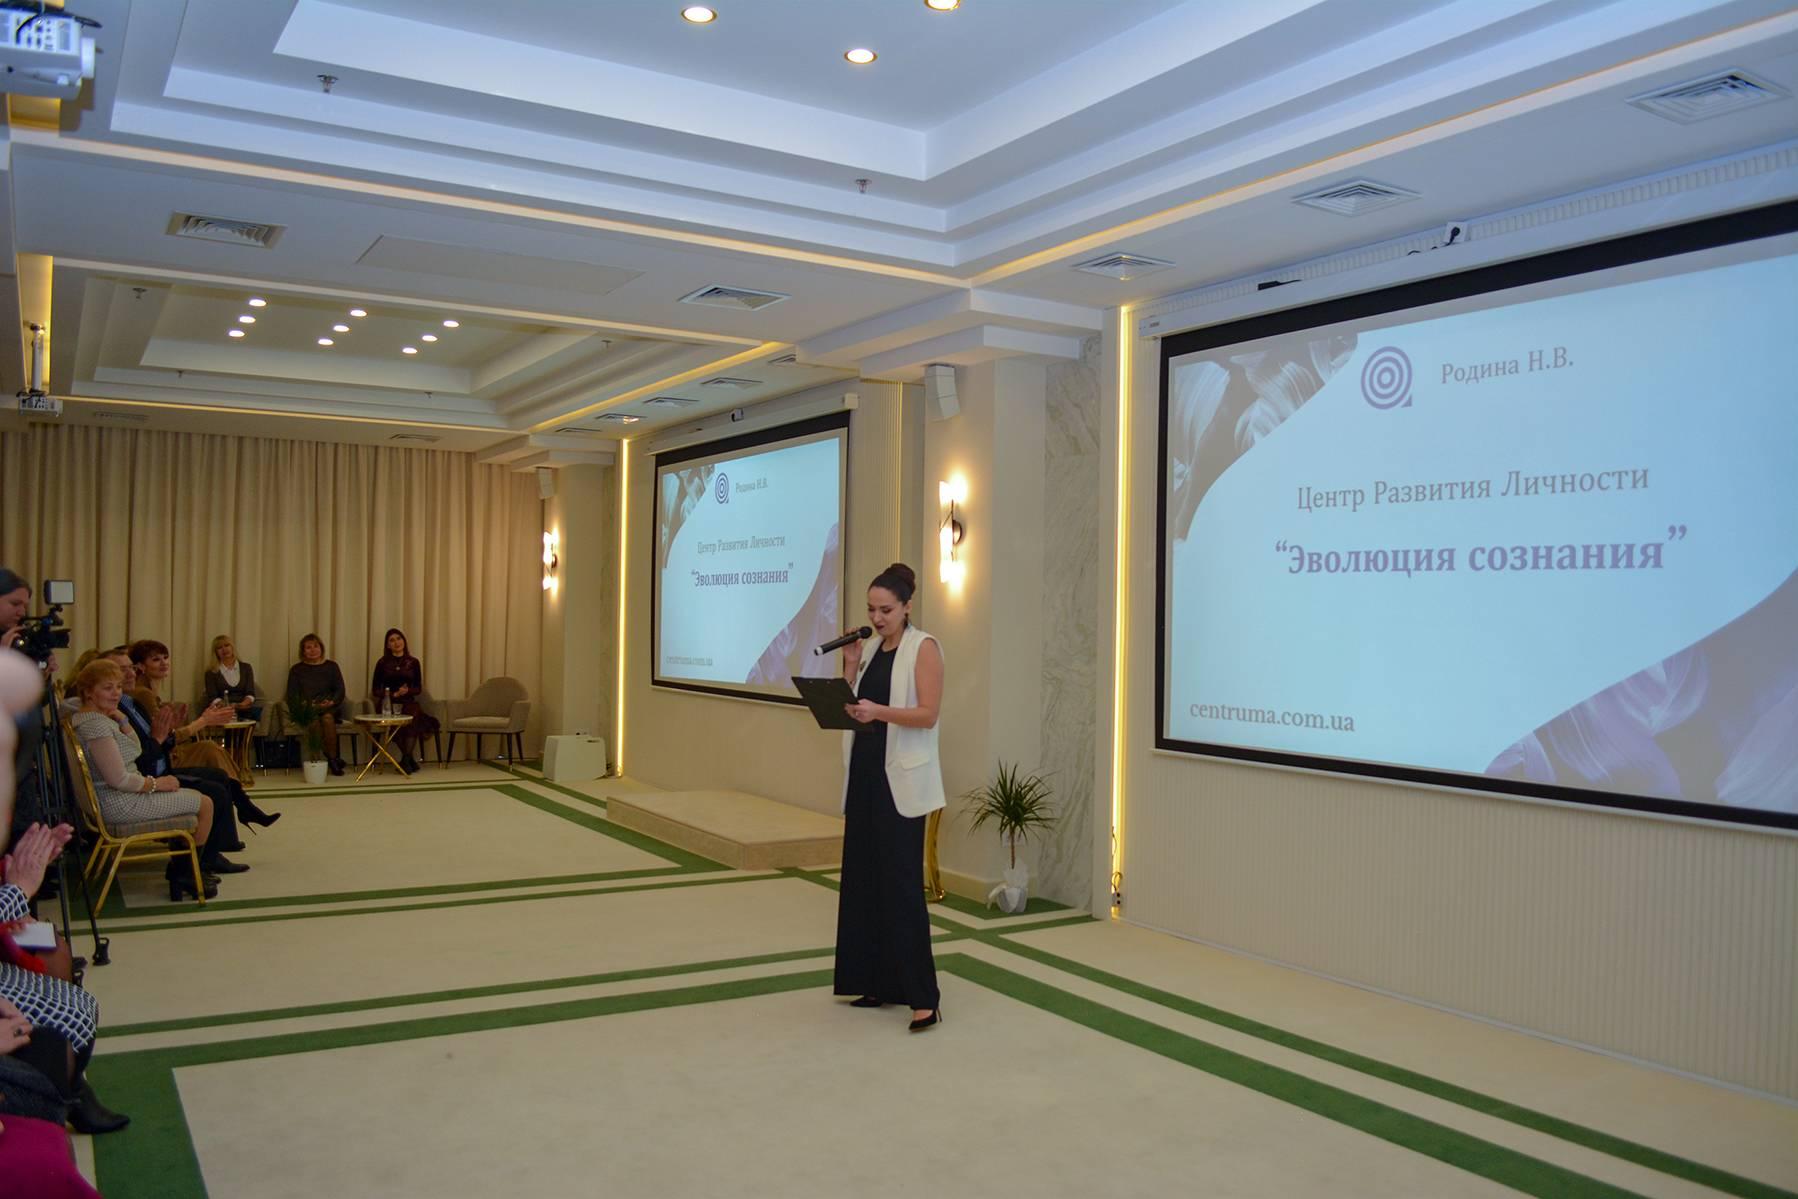 «ЭВОЛЮЦИЯ СОЗНАНИЯ» - открытие нового Центра Развития Личности в Одессе